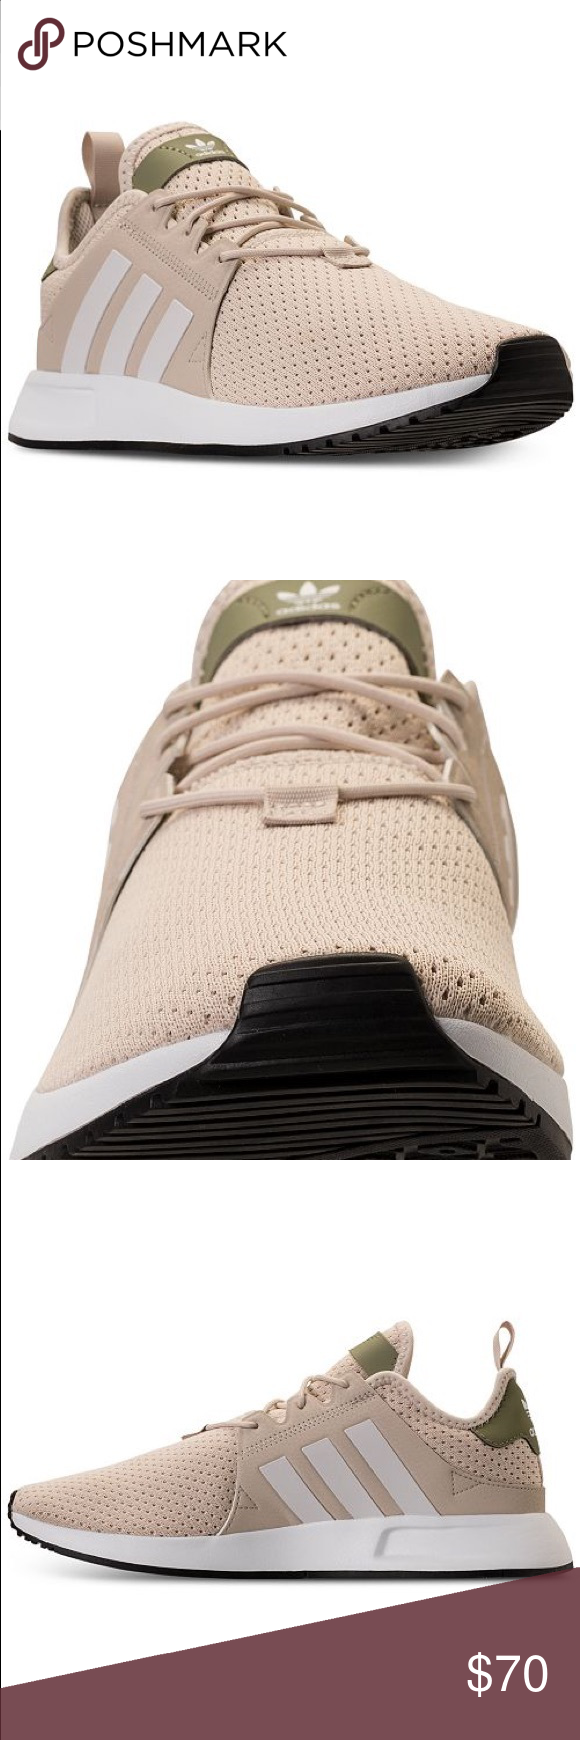 Adidas XPLR Originals (Men)   Shoes